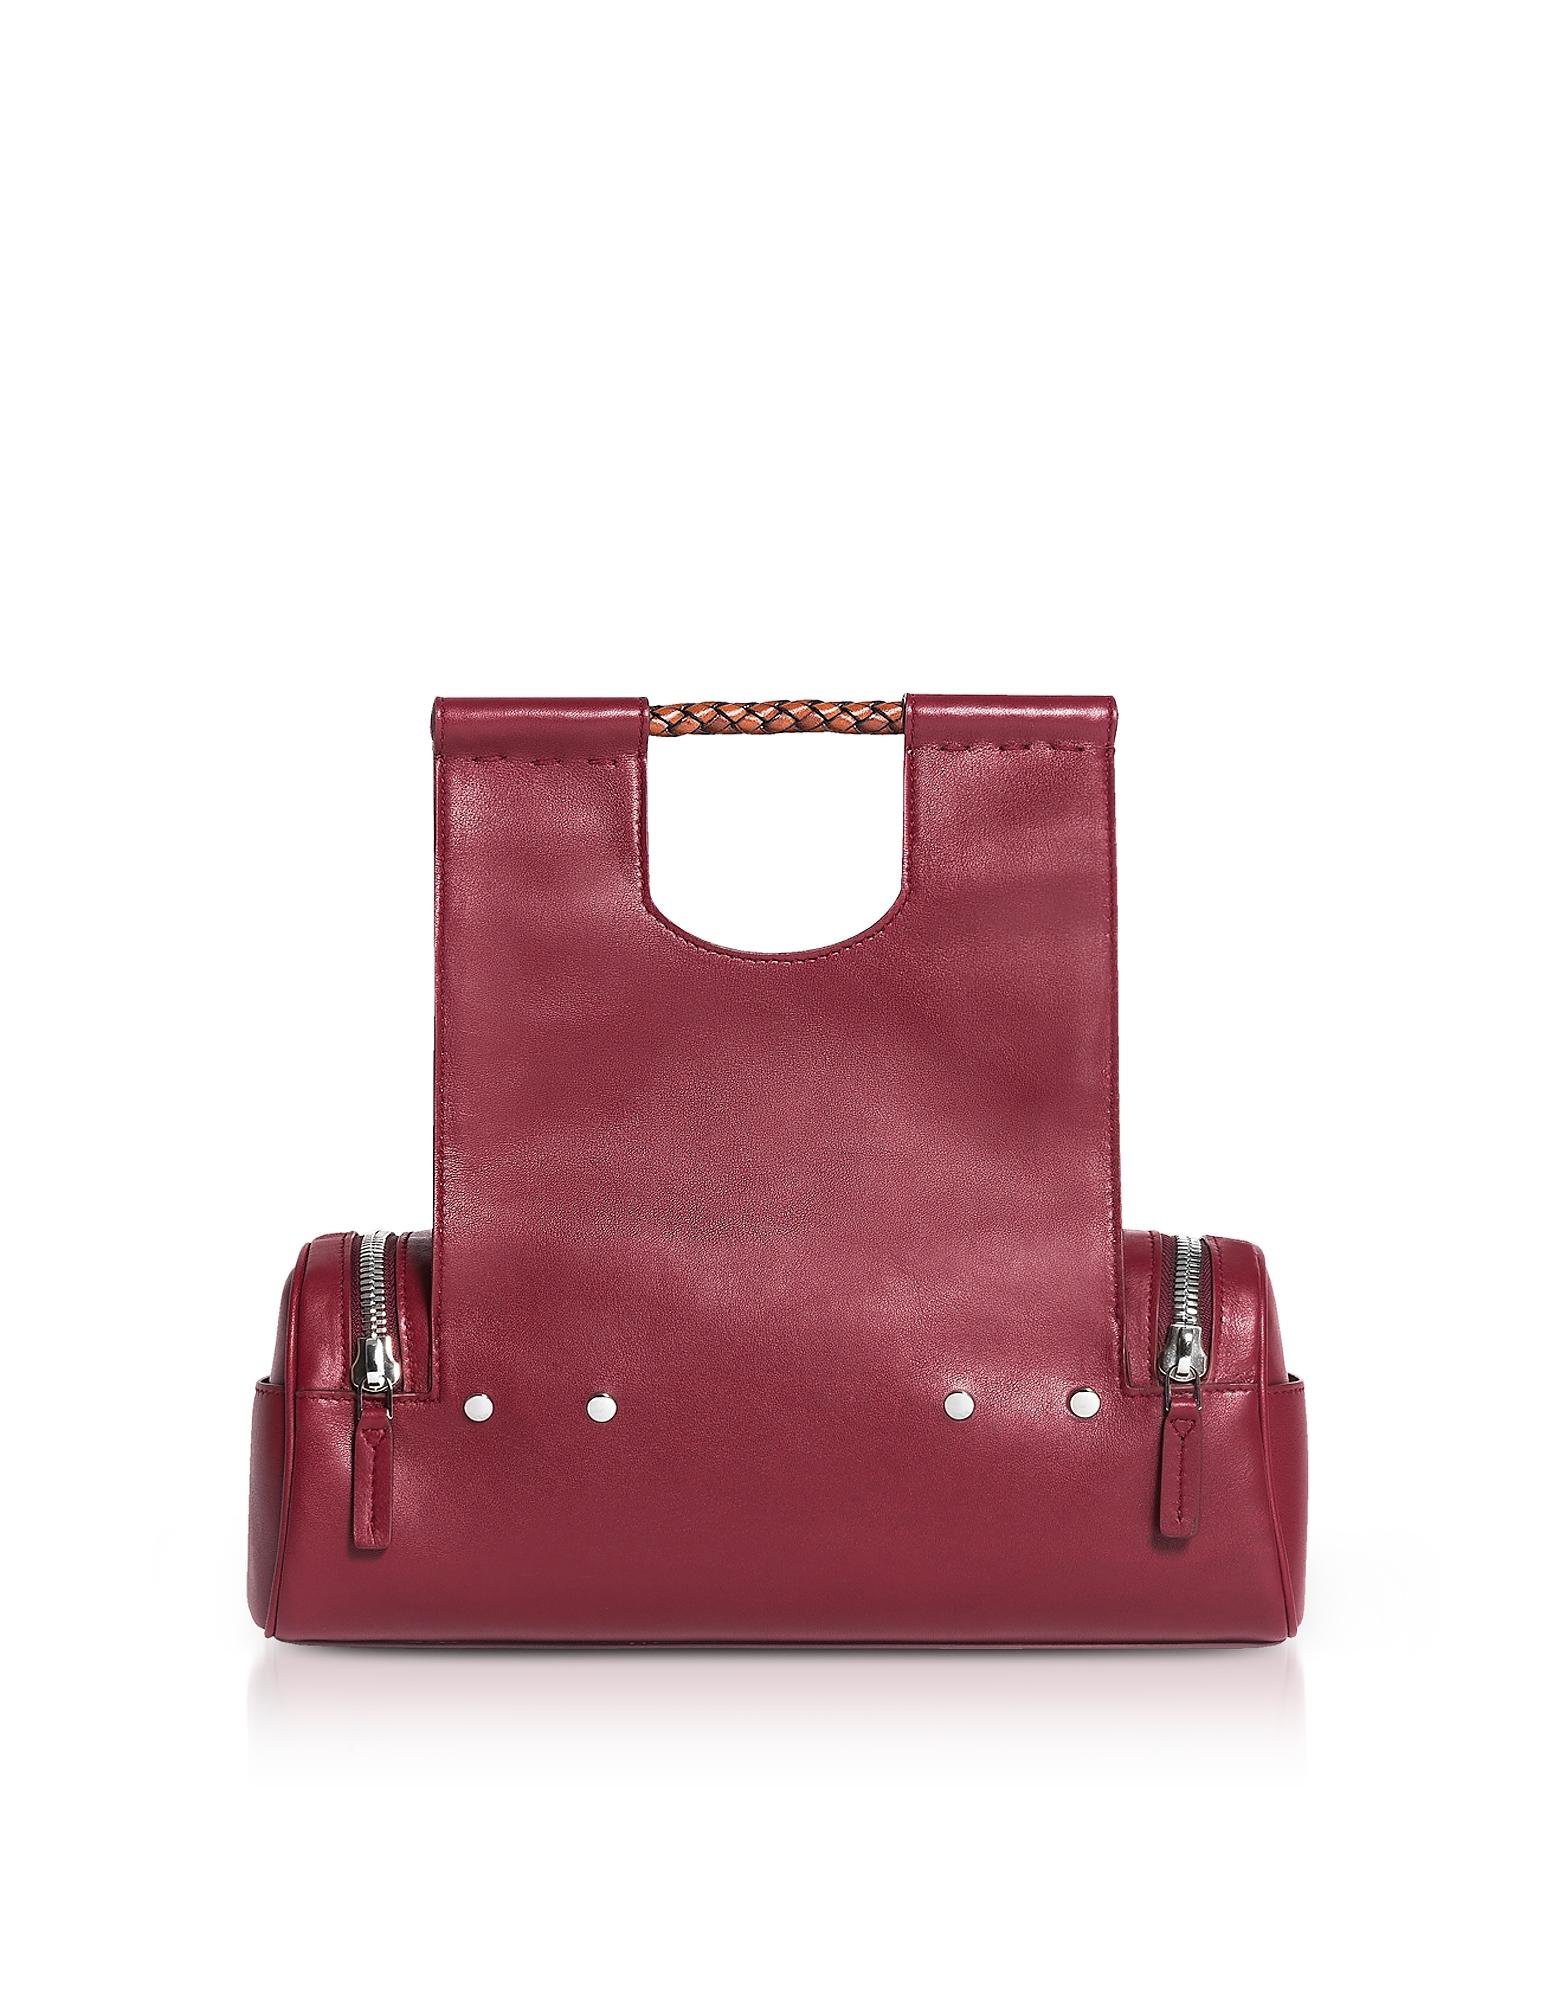 Corto Moltedo Handbags, Genuine Leather Priscilla Medium Tote Bag